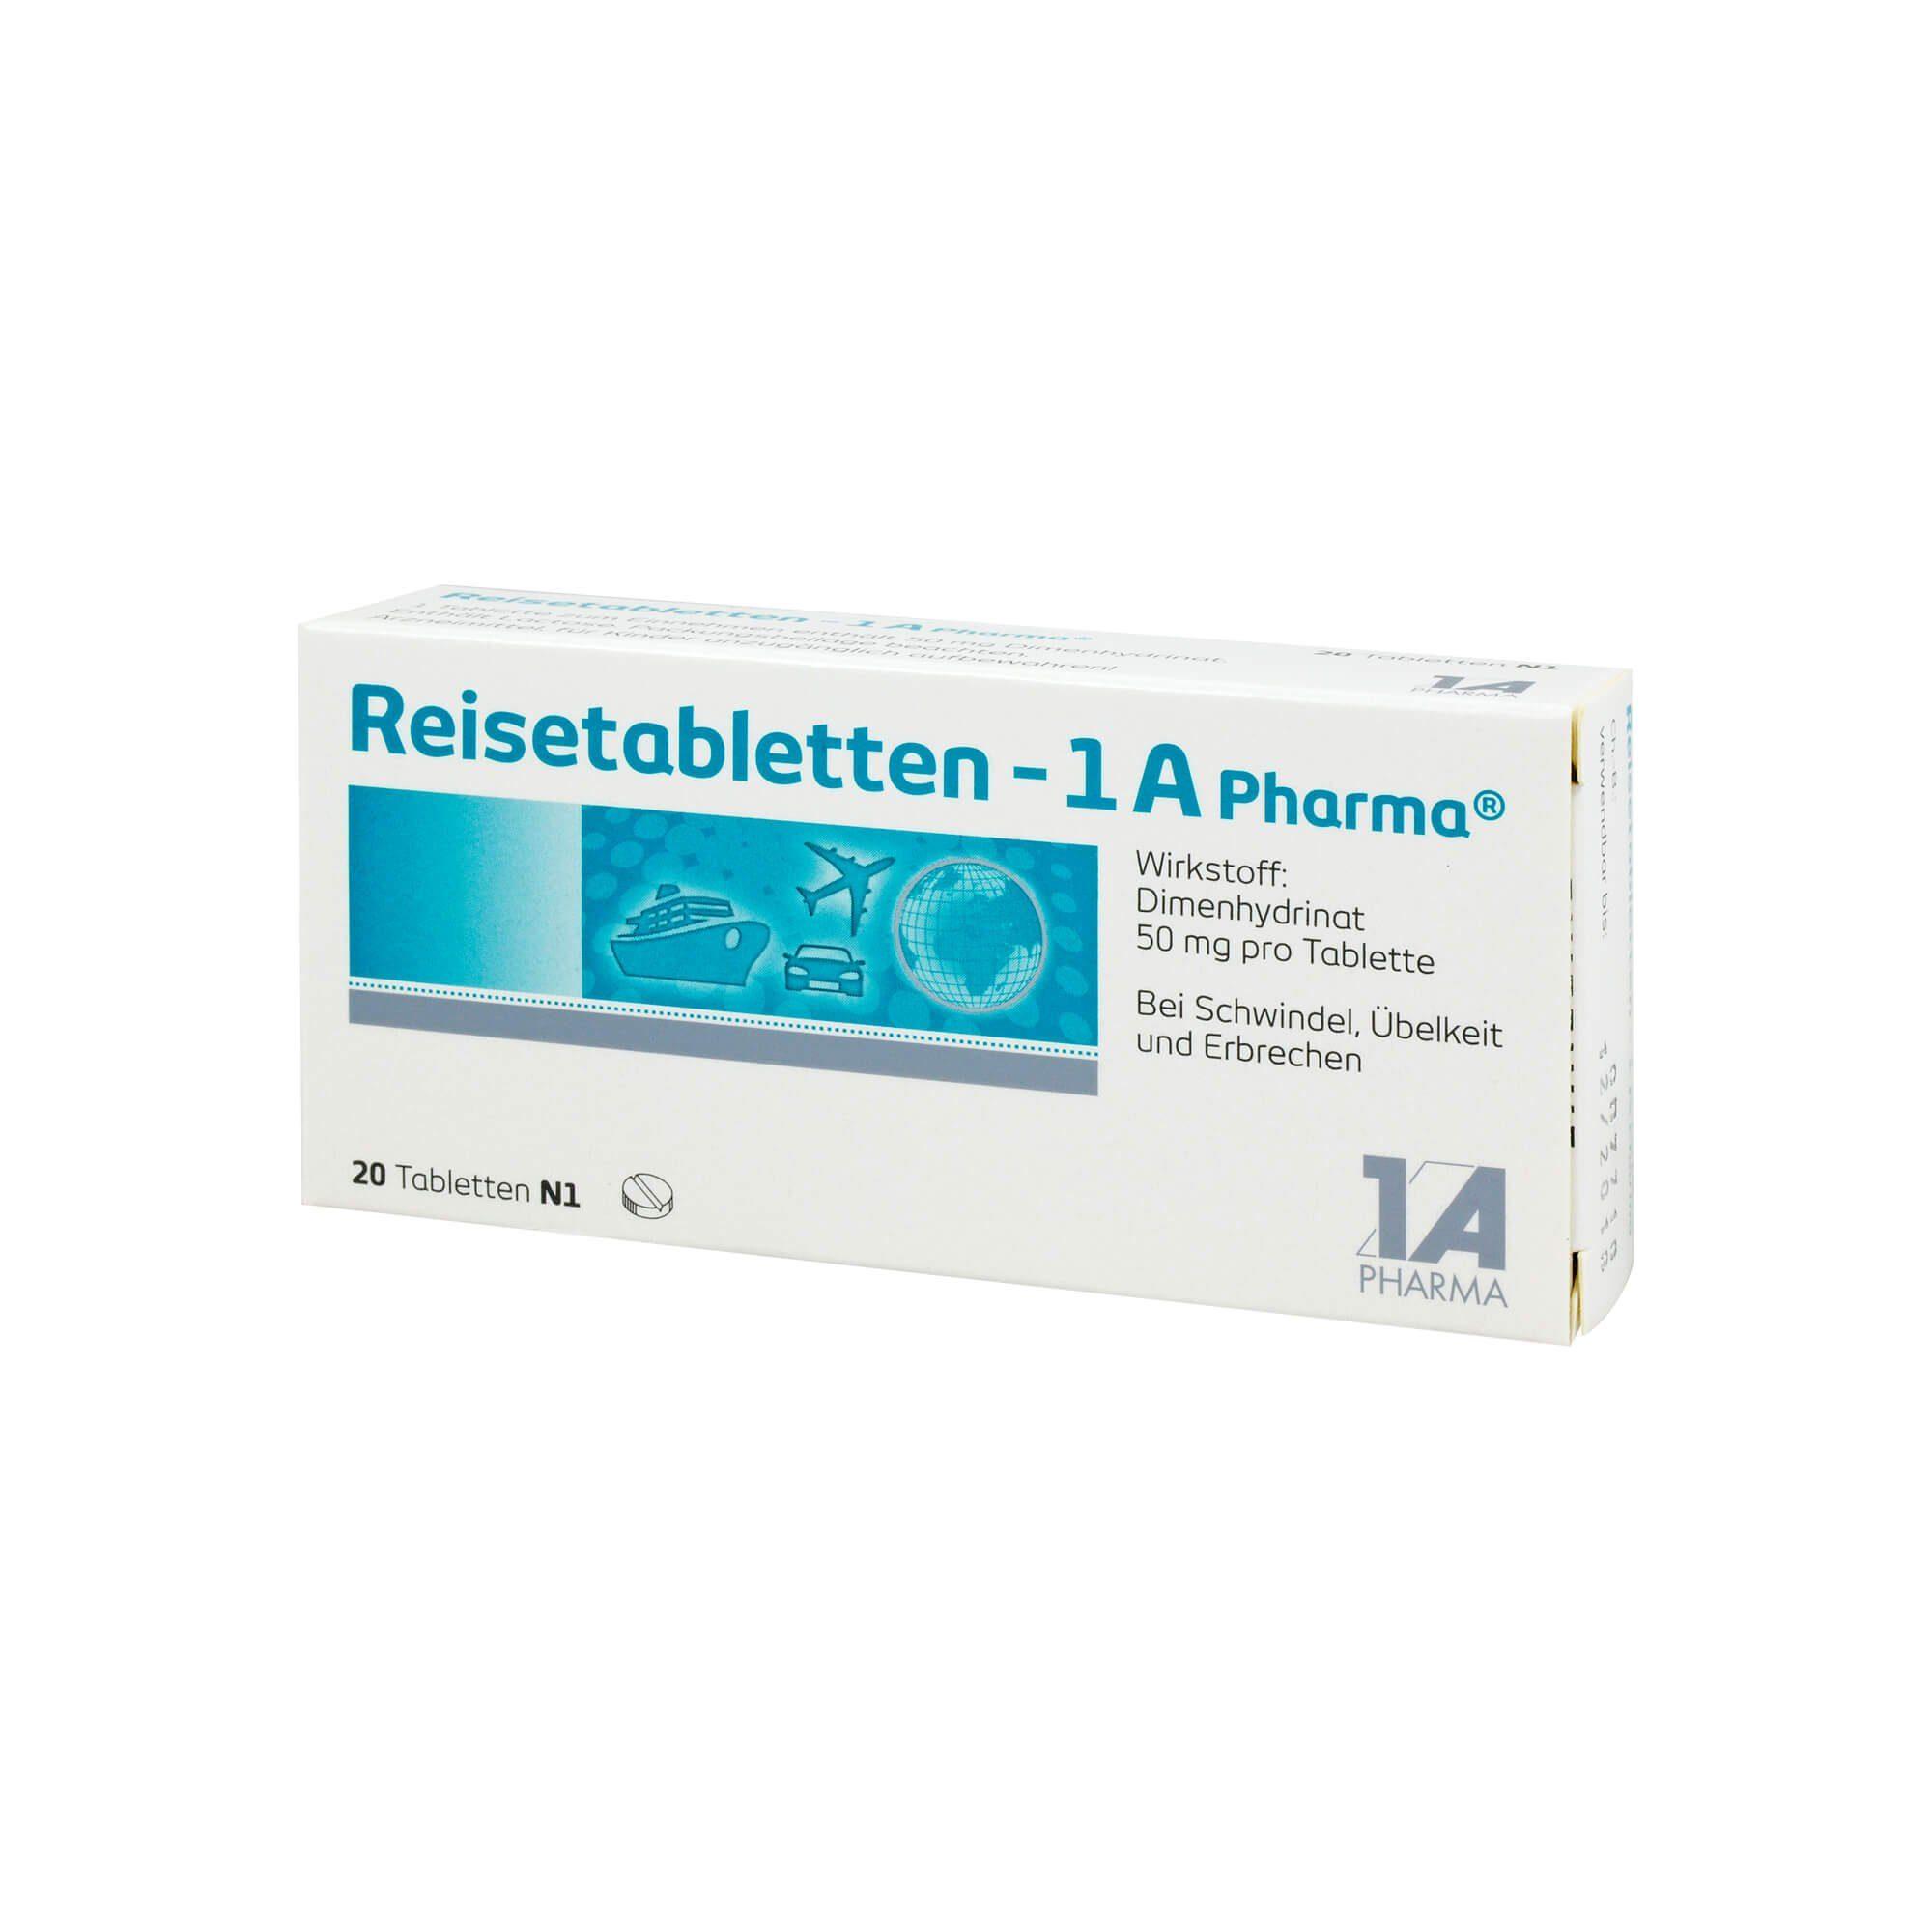 Reisetabletten 1A Pharma, 20 St